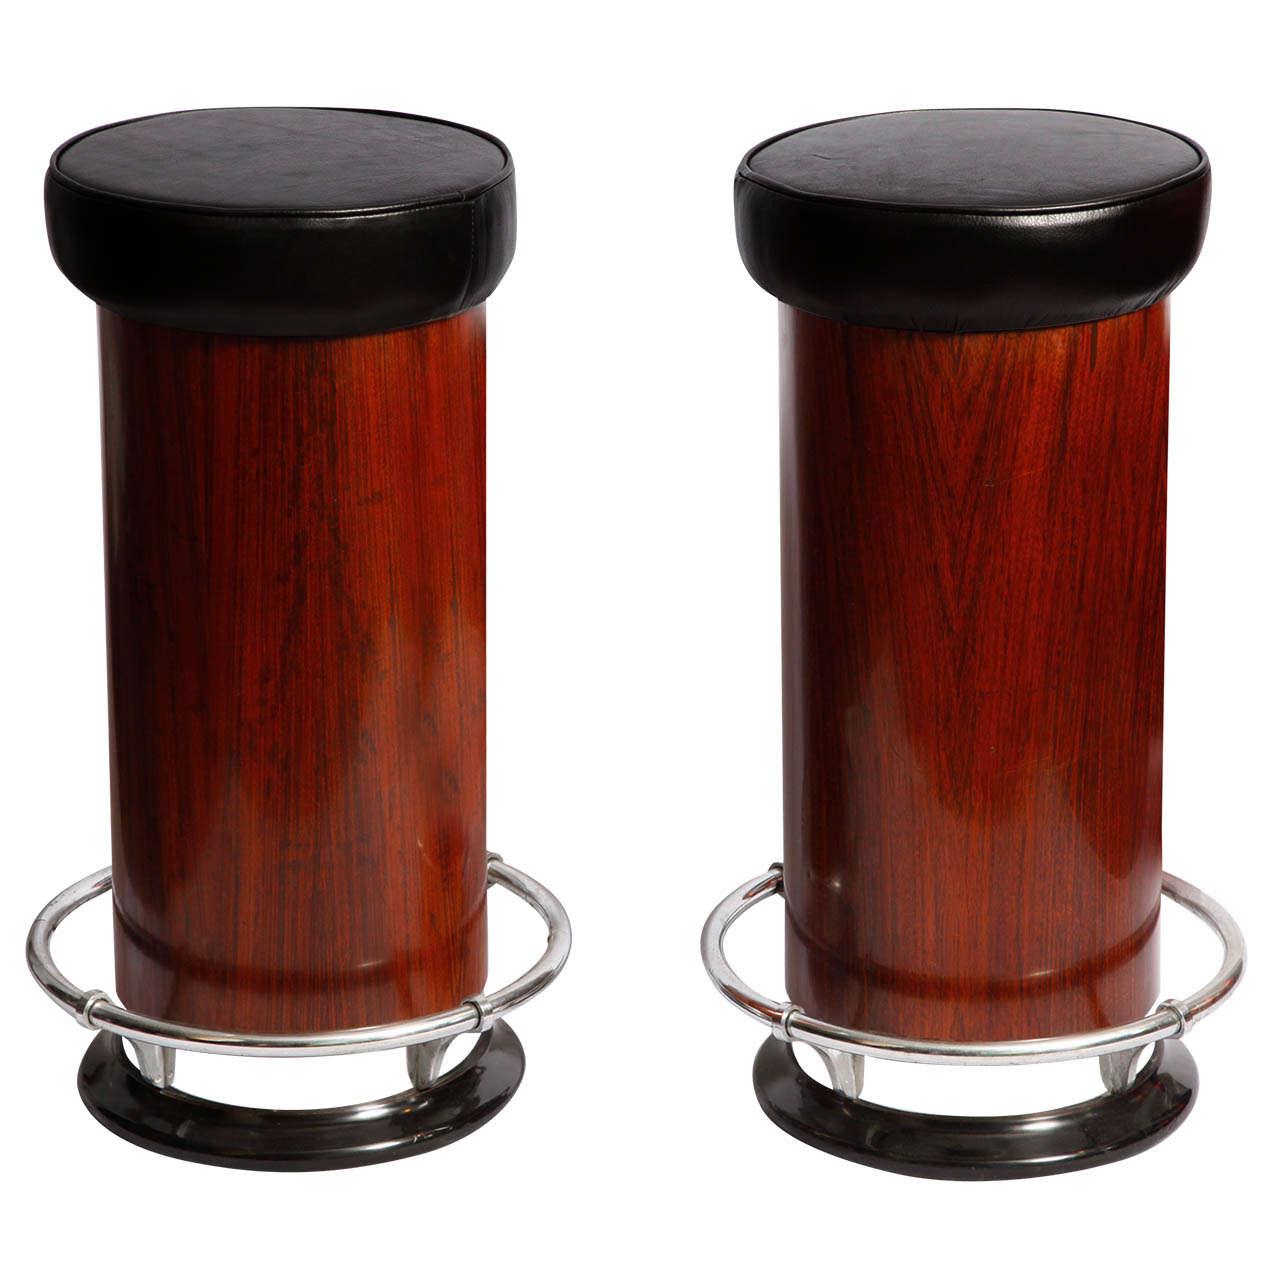 art deco bar stools. Black Bedroom Furniture Sets. Home Design Ideas